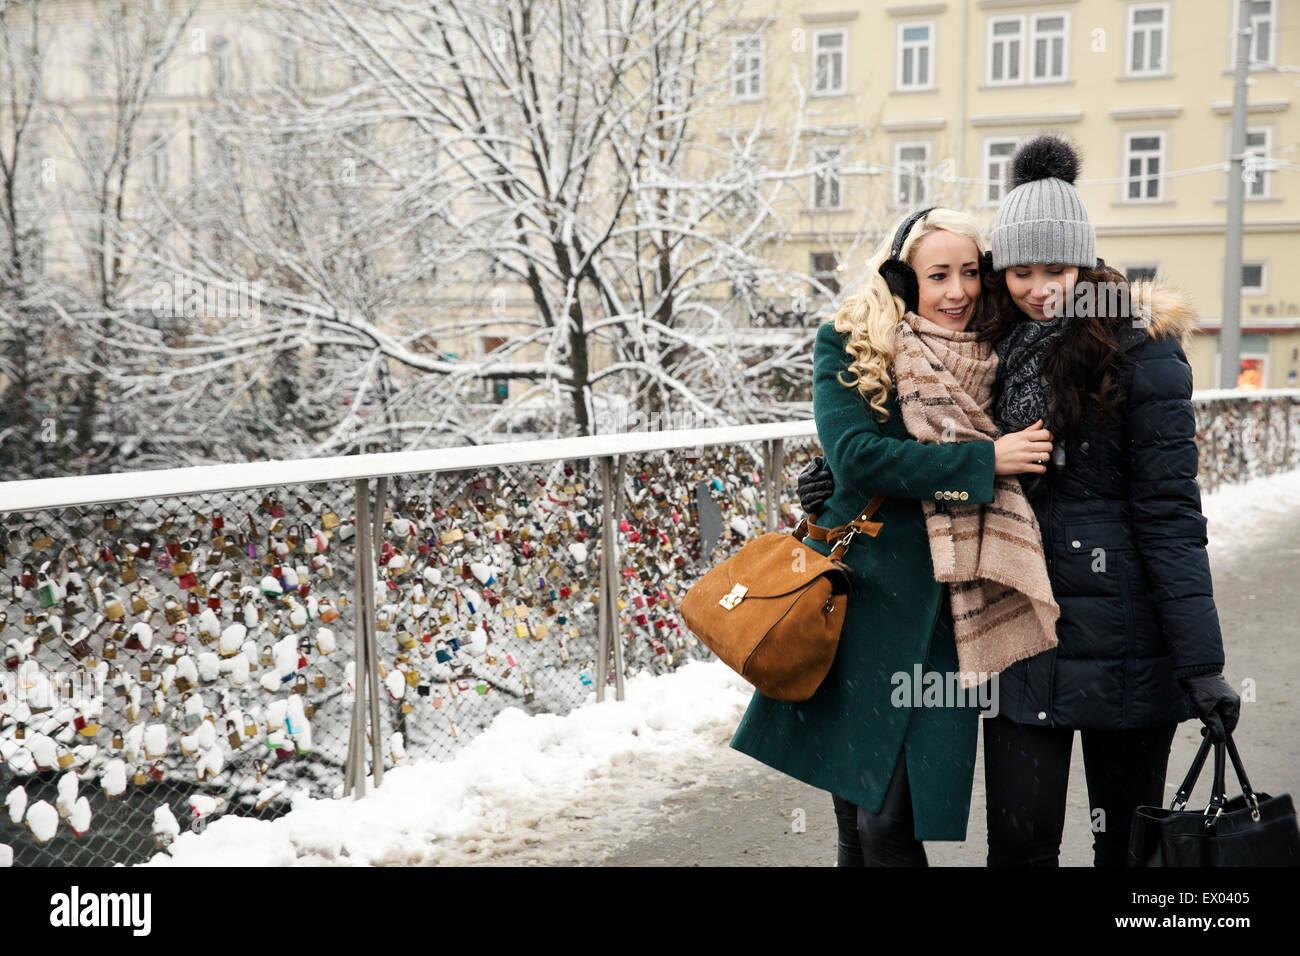 Deux femmes adultes portant des vêtements d'hiver Photo Stock